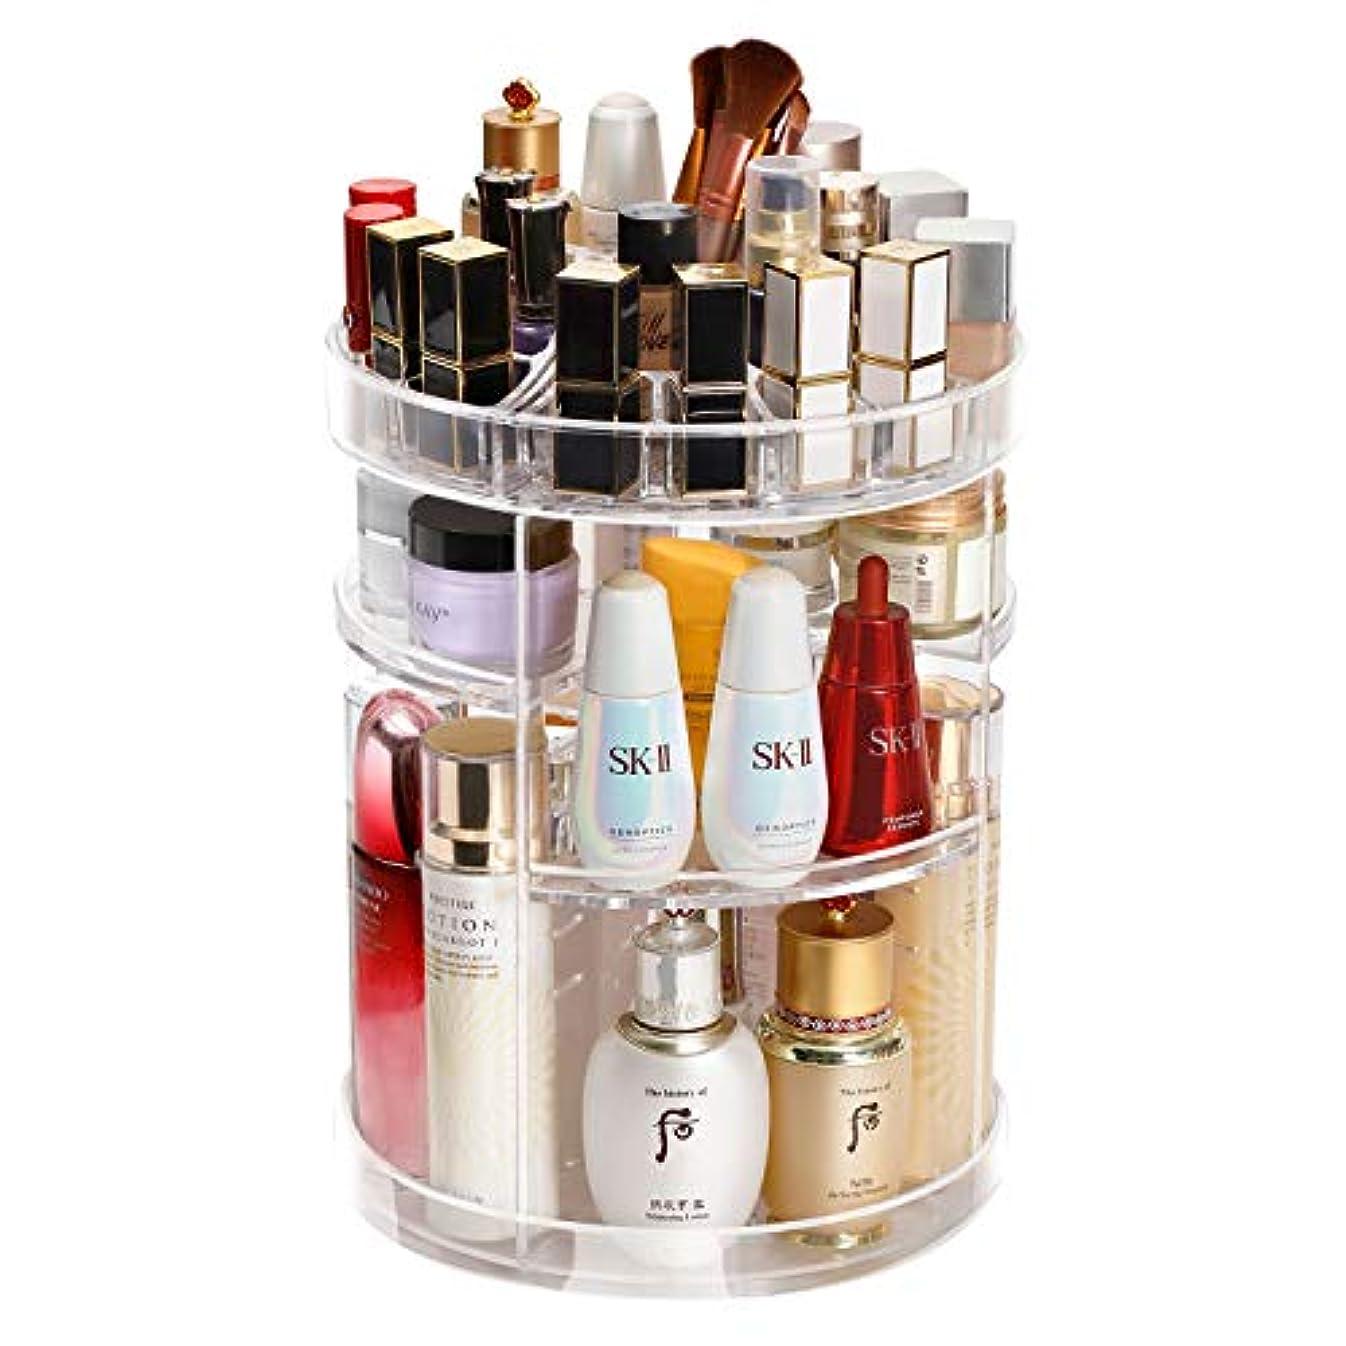 豚肉絶対の地上で化粧品収納ボックス 大容量 360°回転可能 収納ボックス 耐久性 透明 口紅 コスメ 小物収納 アクリルケース